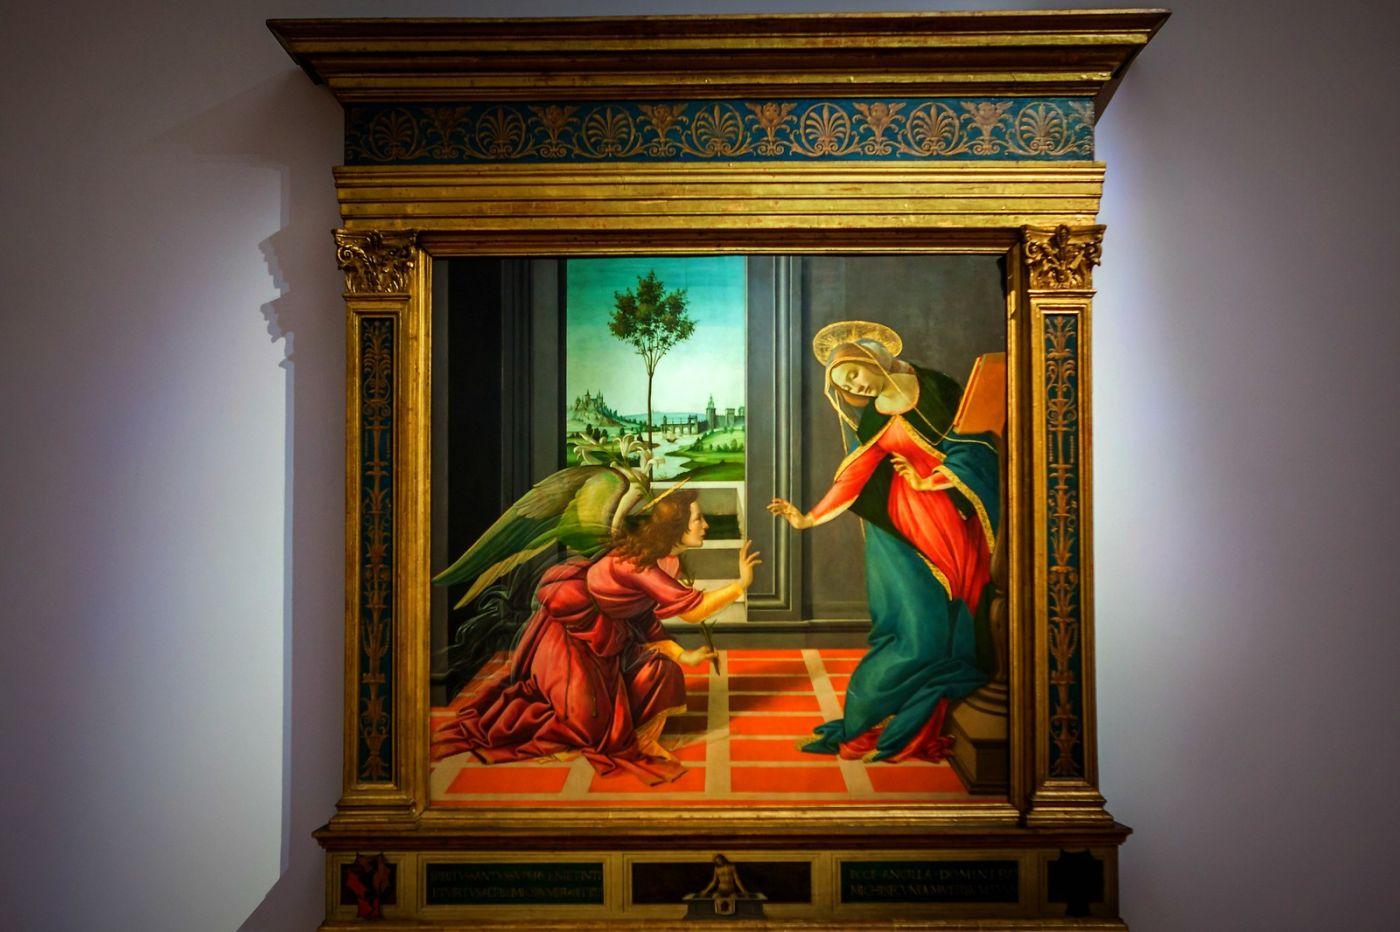 意大利佛罗伦斯乌菲兹美术馆, 目睹藏品_图1-22